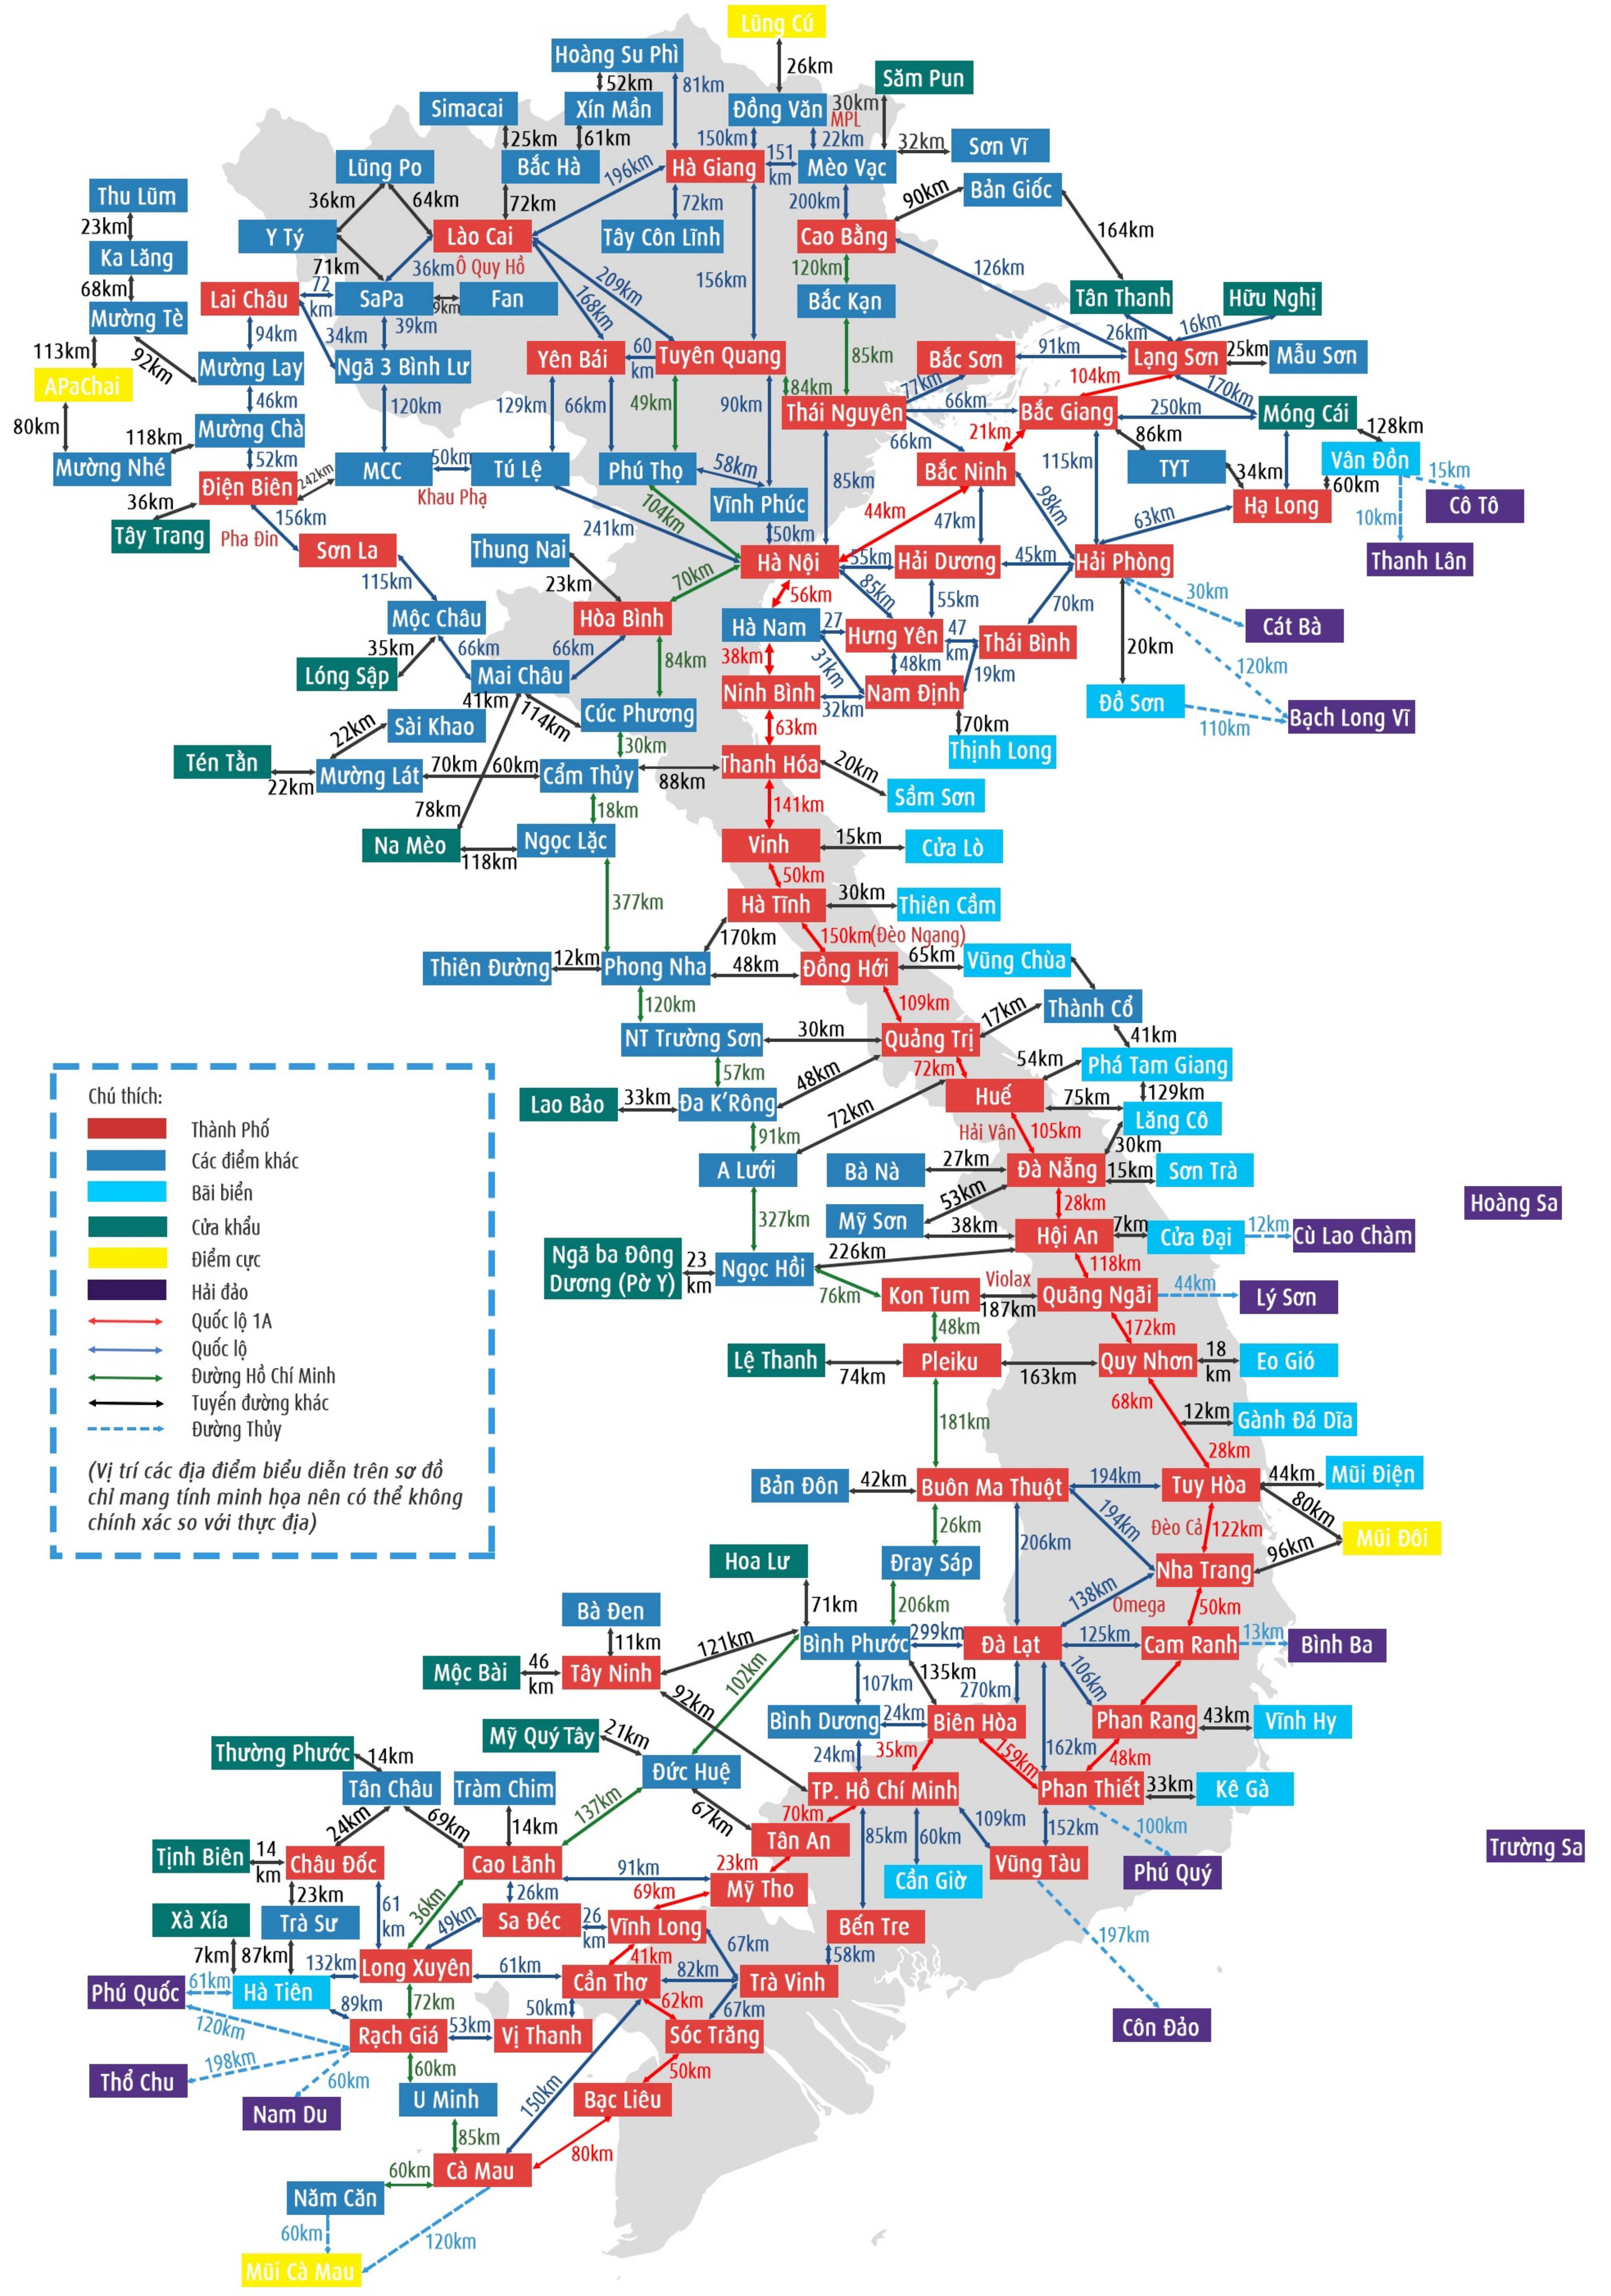 Bản đồ Việt Nam Chi Tiết Phong To Mới Nhất 2020